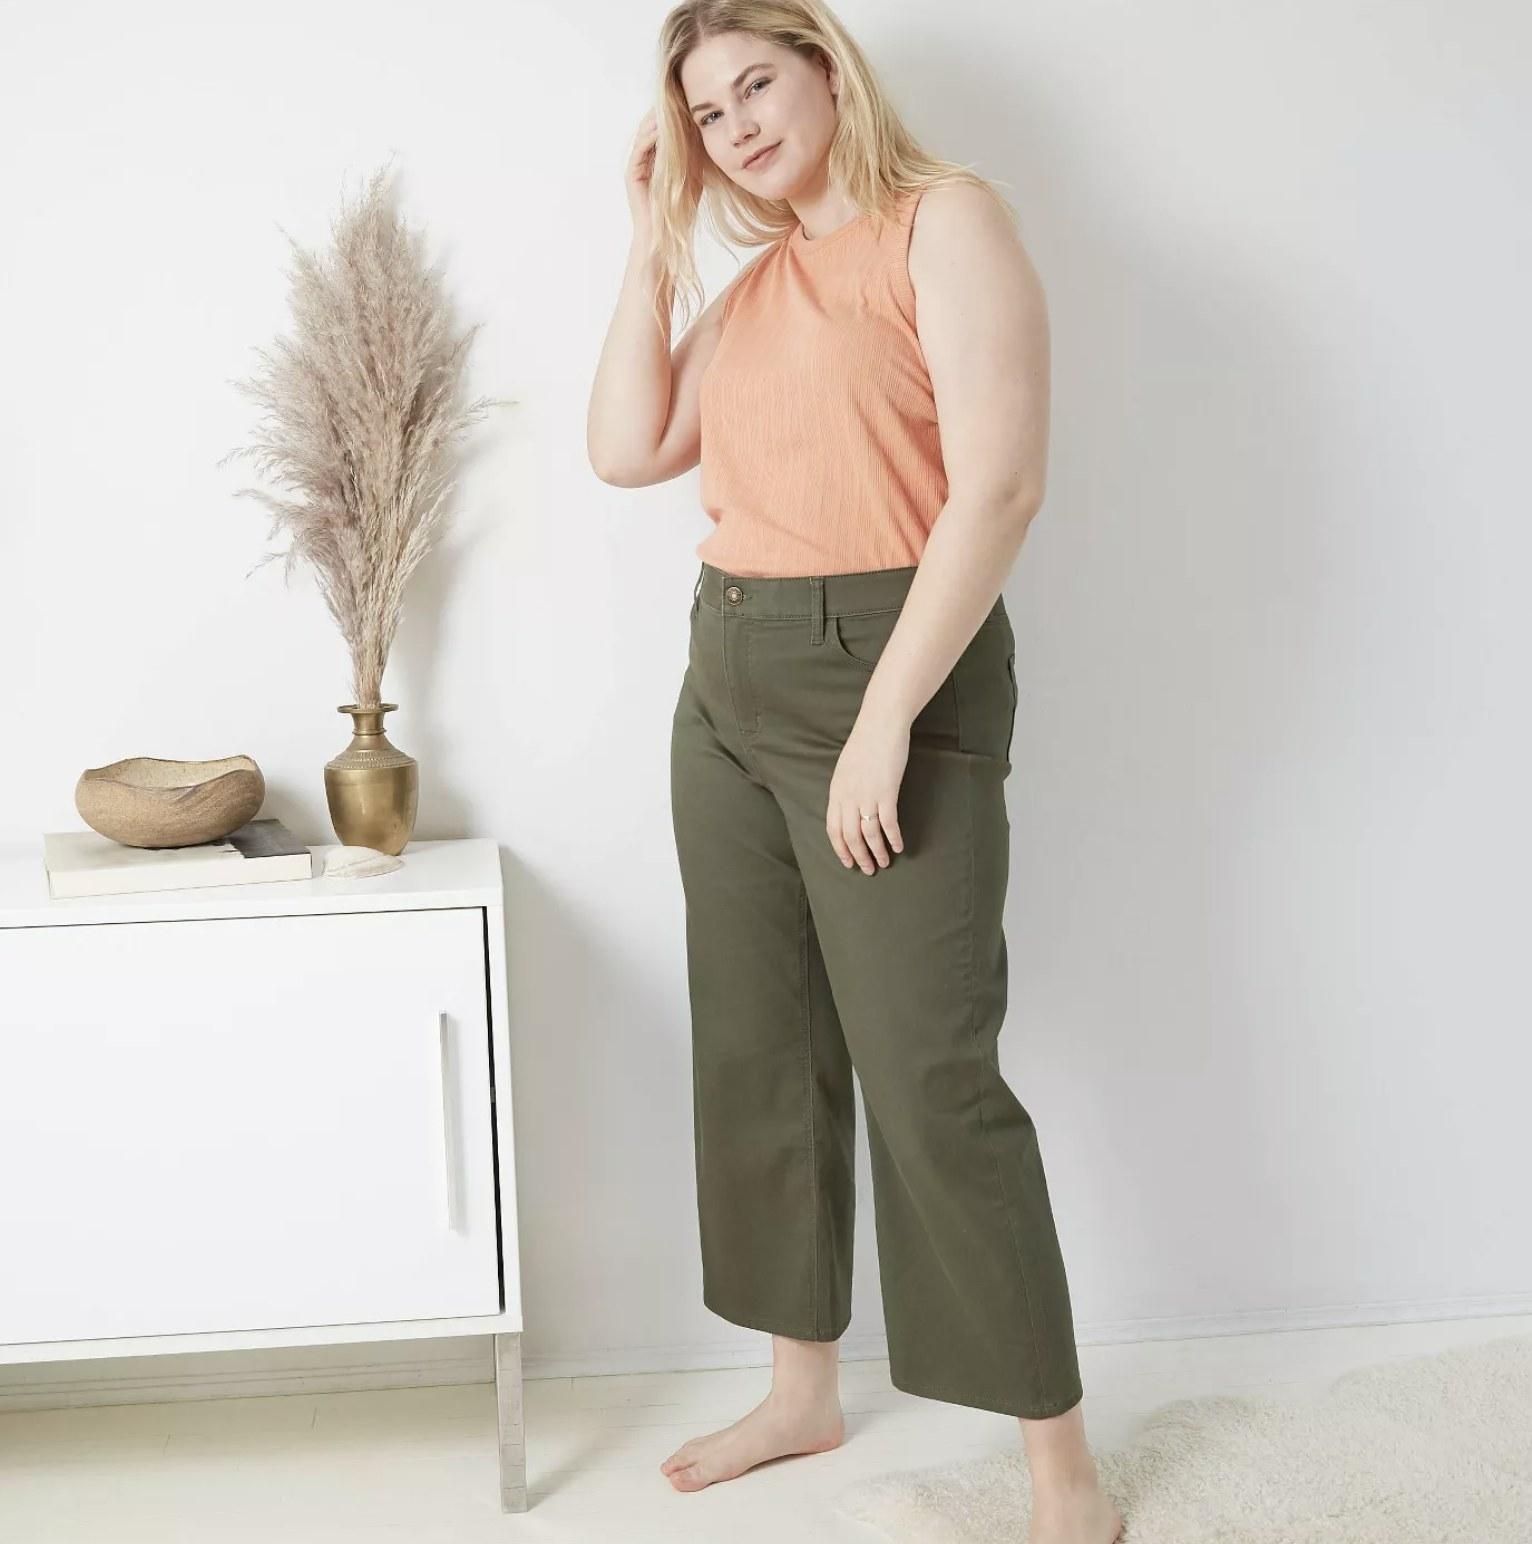 model wearing olive green wide leg pants